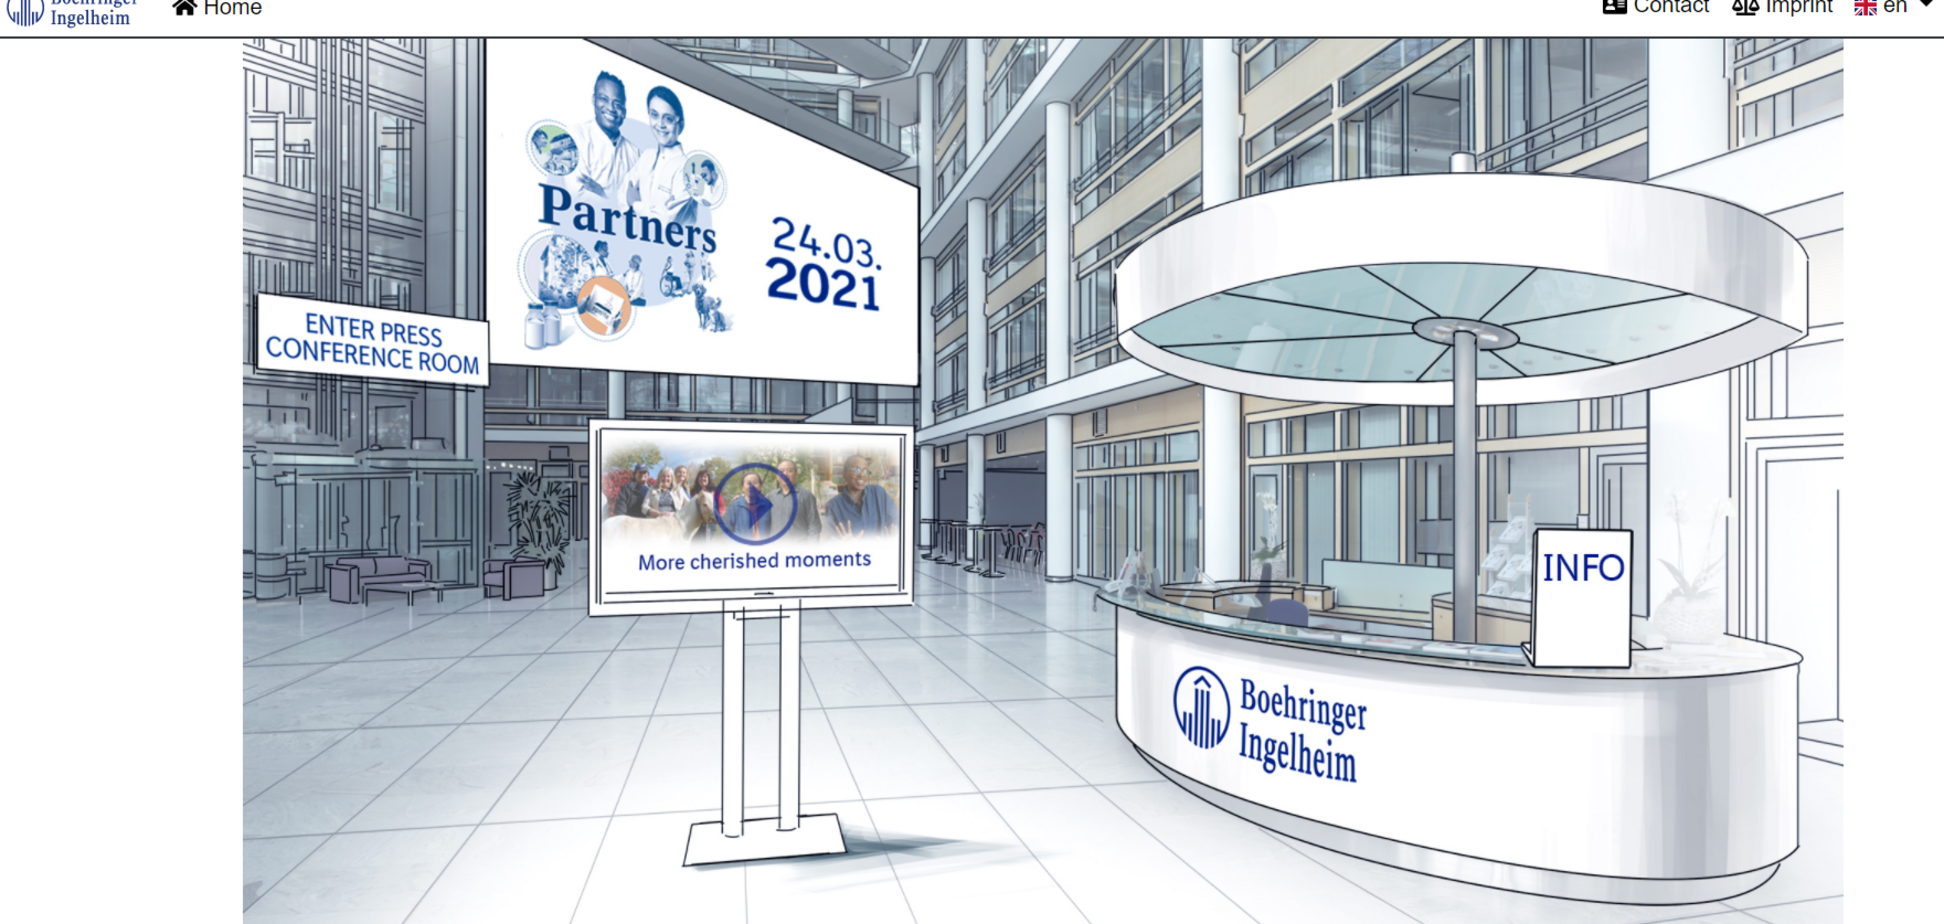 Компанія 'Берінгер Інгельхайм' значно збільшила свої інвестиції у пошуках інноваційних ліків та методів лікування захворювань